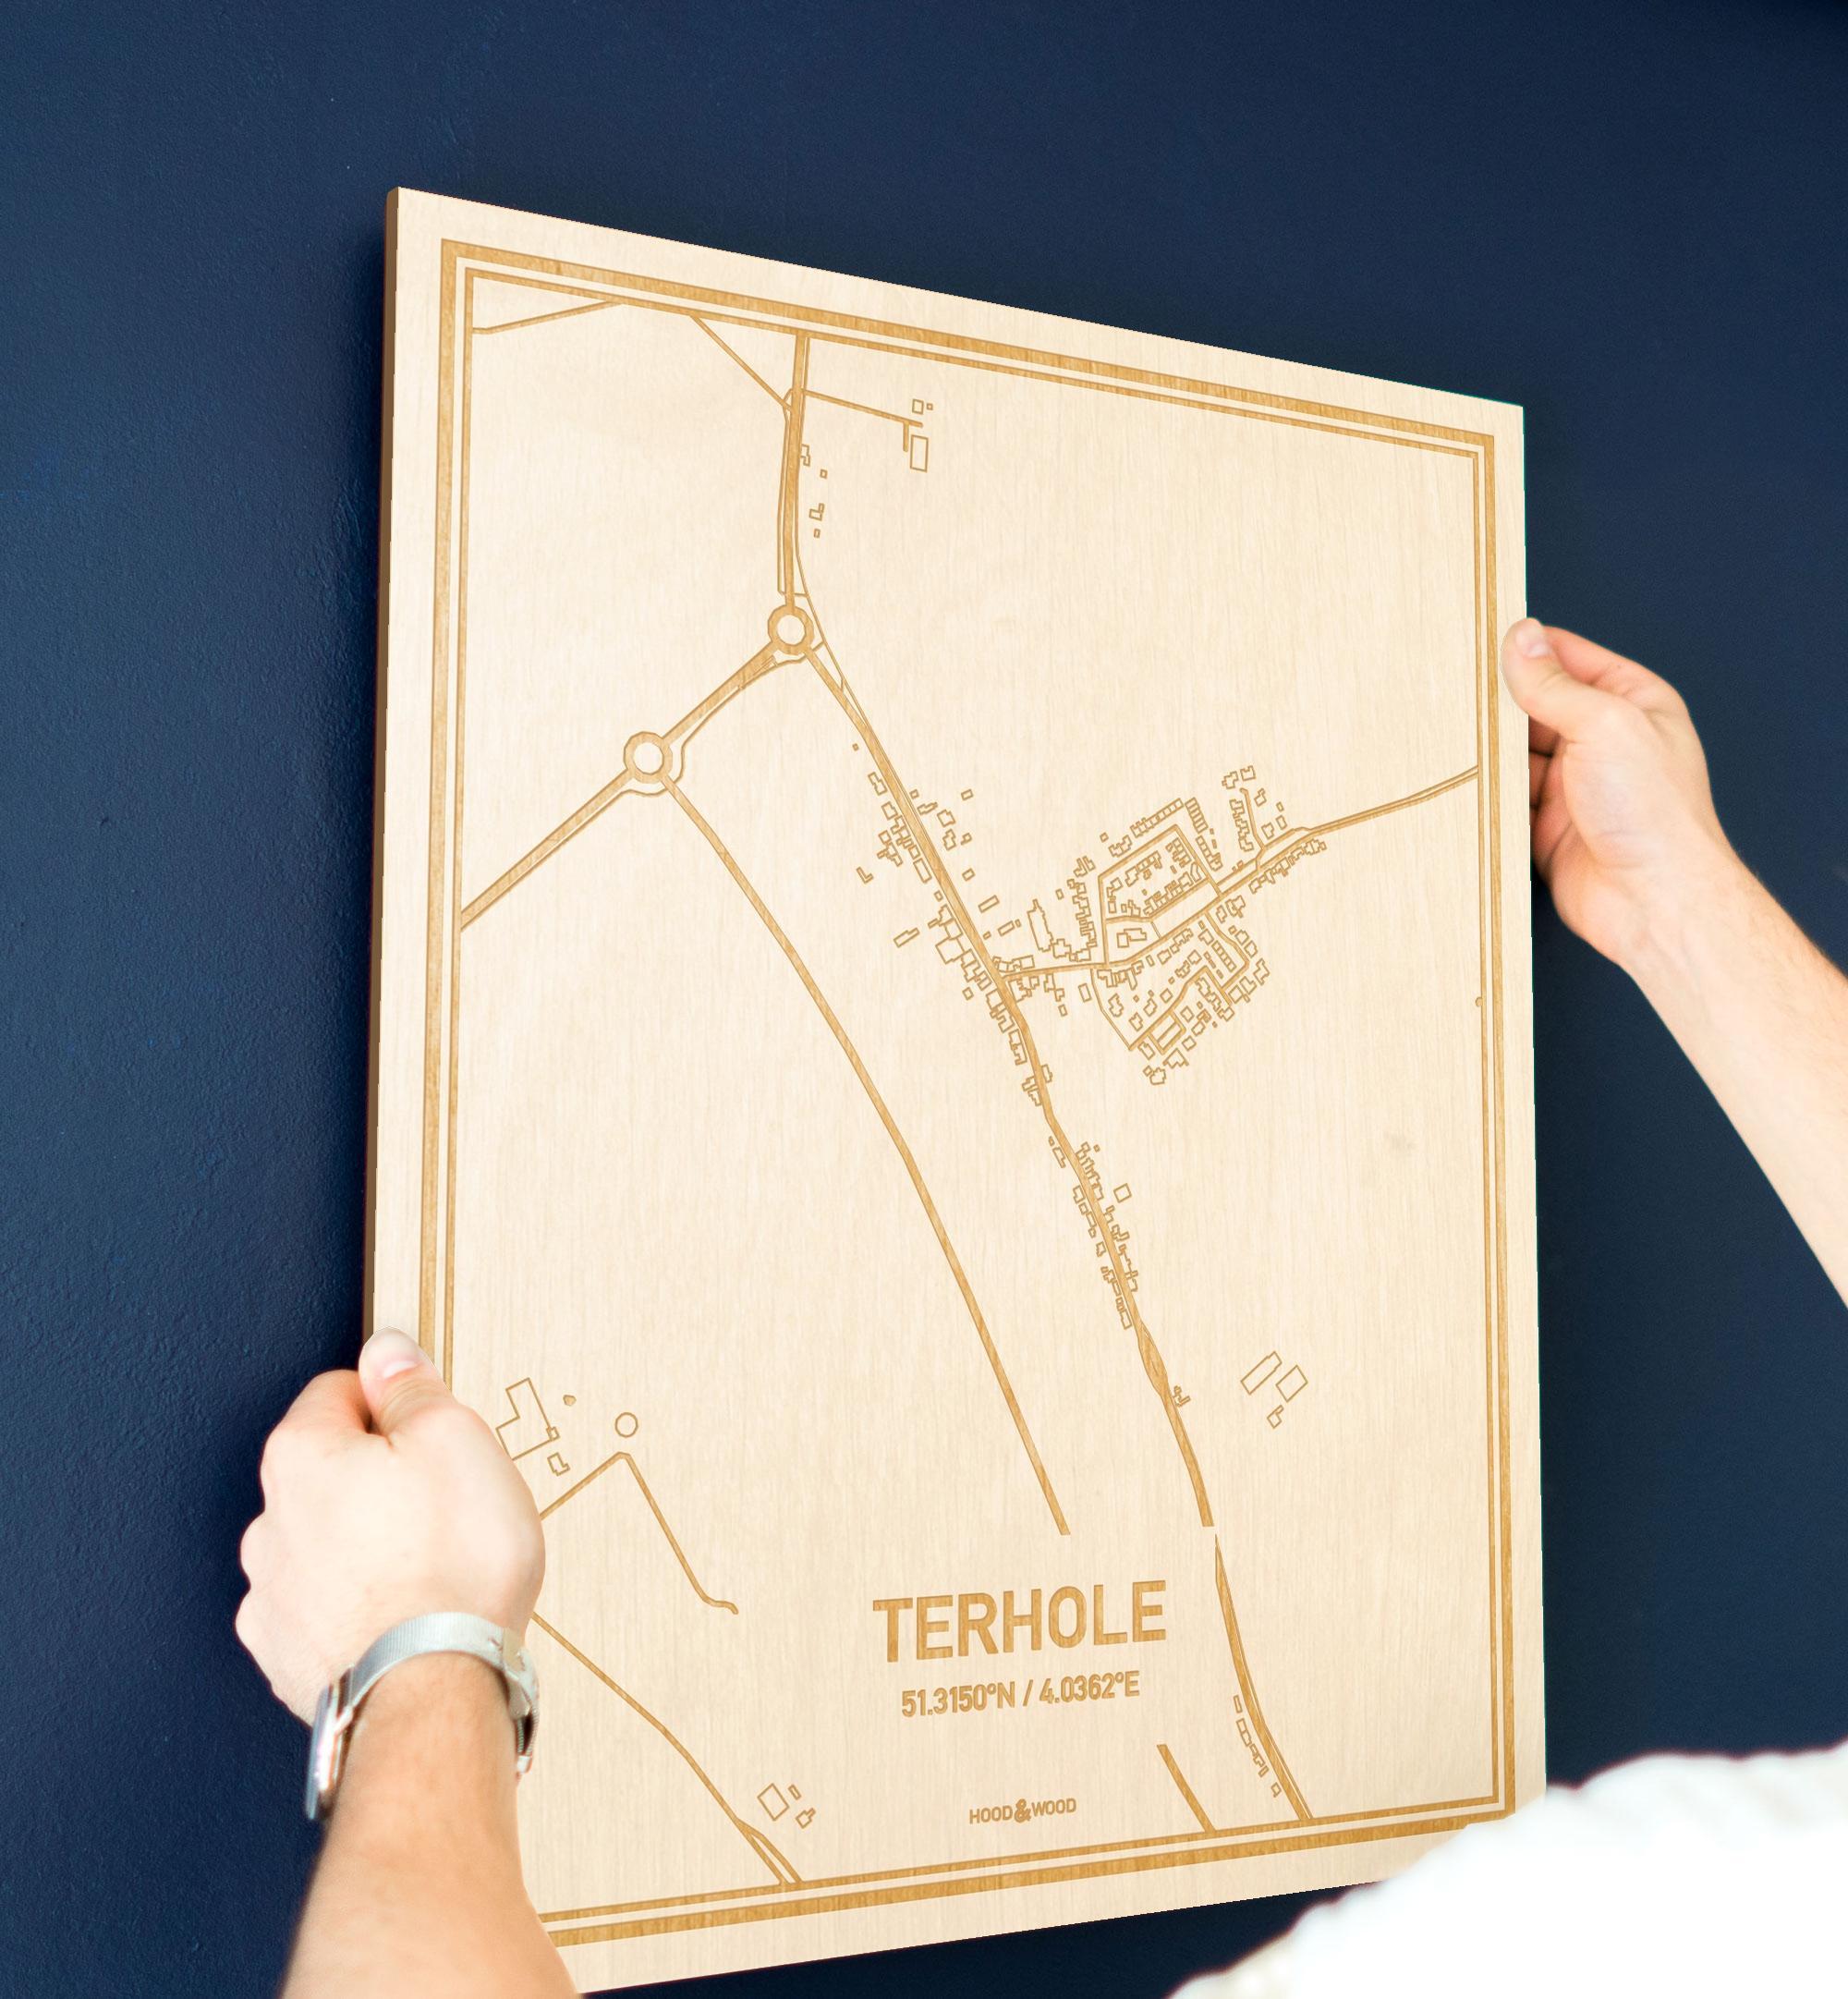 Een man hangt de houten plattegrond Terhole aan zijn blauwe muur ter decoratie. Je ziet alleen zijn handen de kaart van deze verrassende in Zeeland vasthouden.